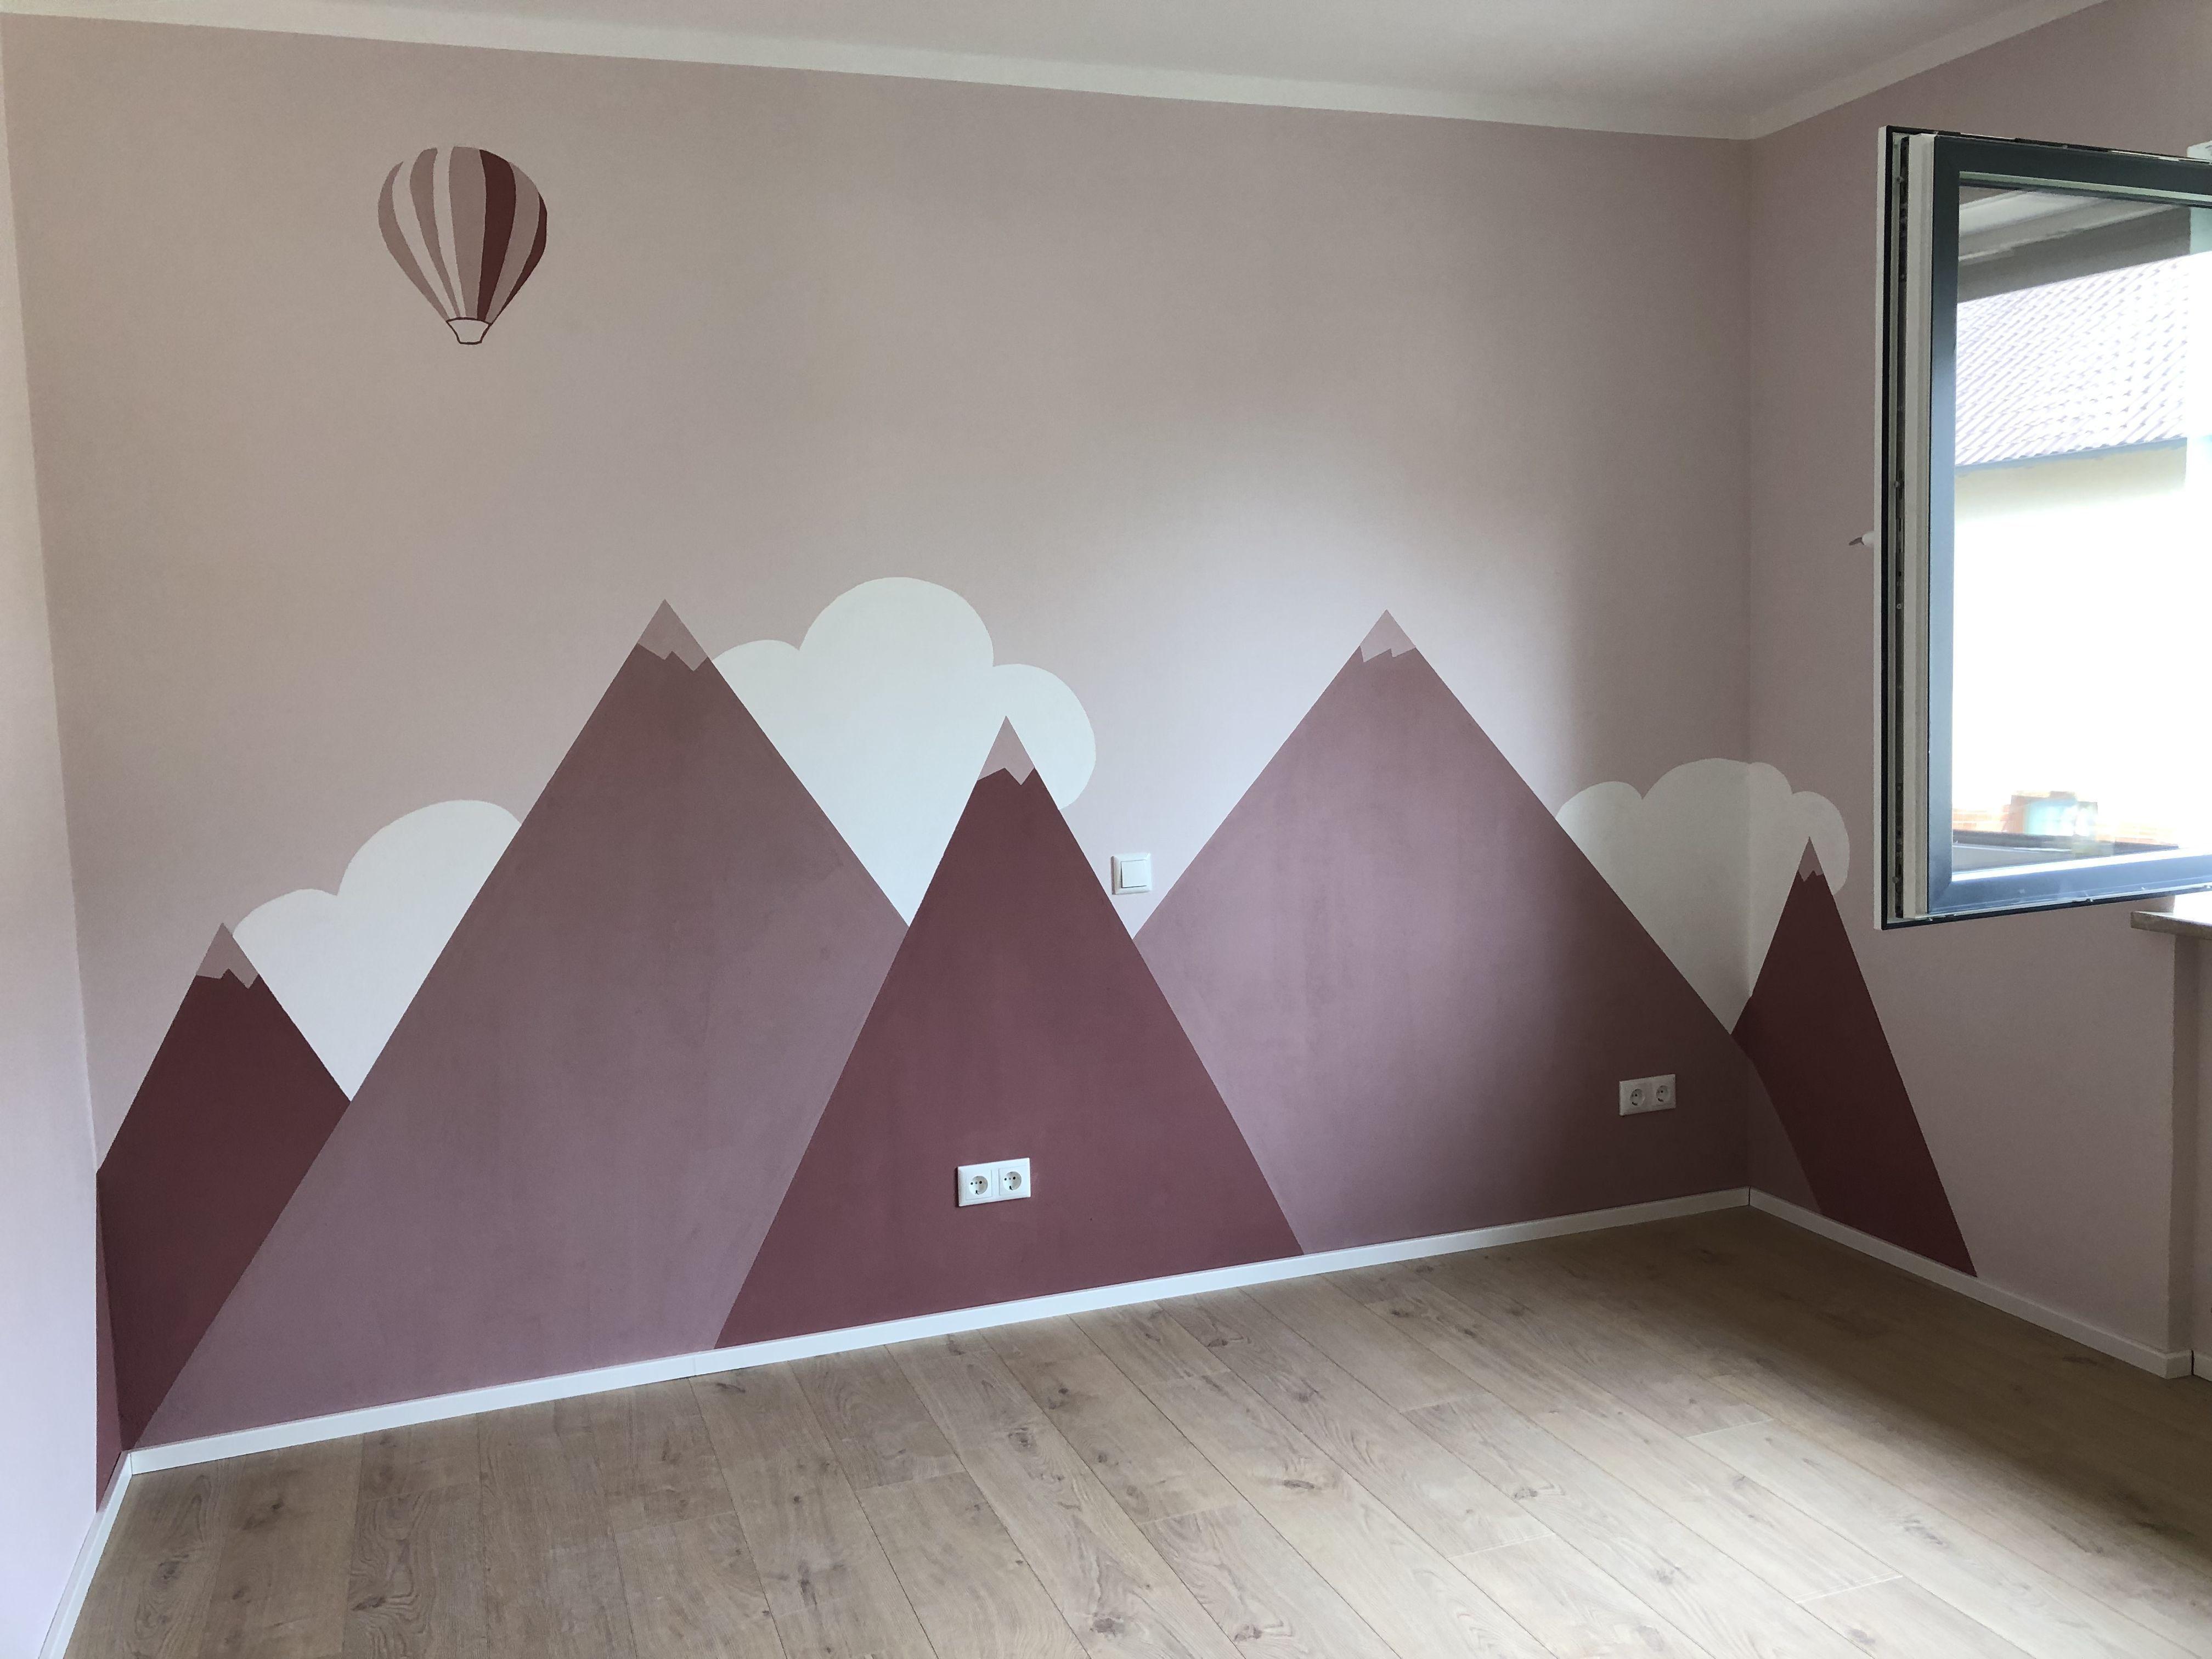 Kinderzimmer Altrosa Berge My Blog My Blog In 2020 Kinder Zimmer Wandgestaltung Madchenzimmer Wandgestaltung Kinderzimmer Madchen